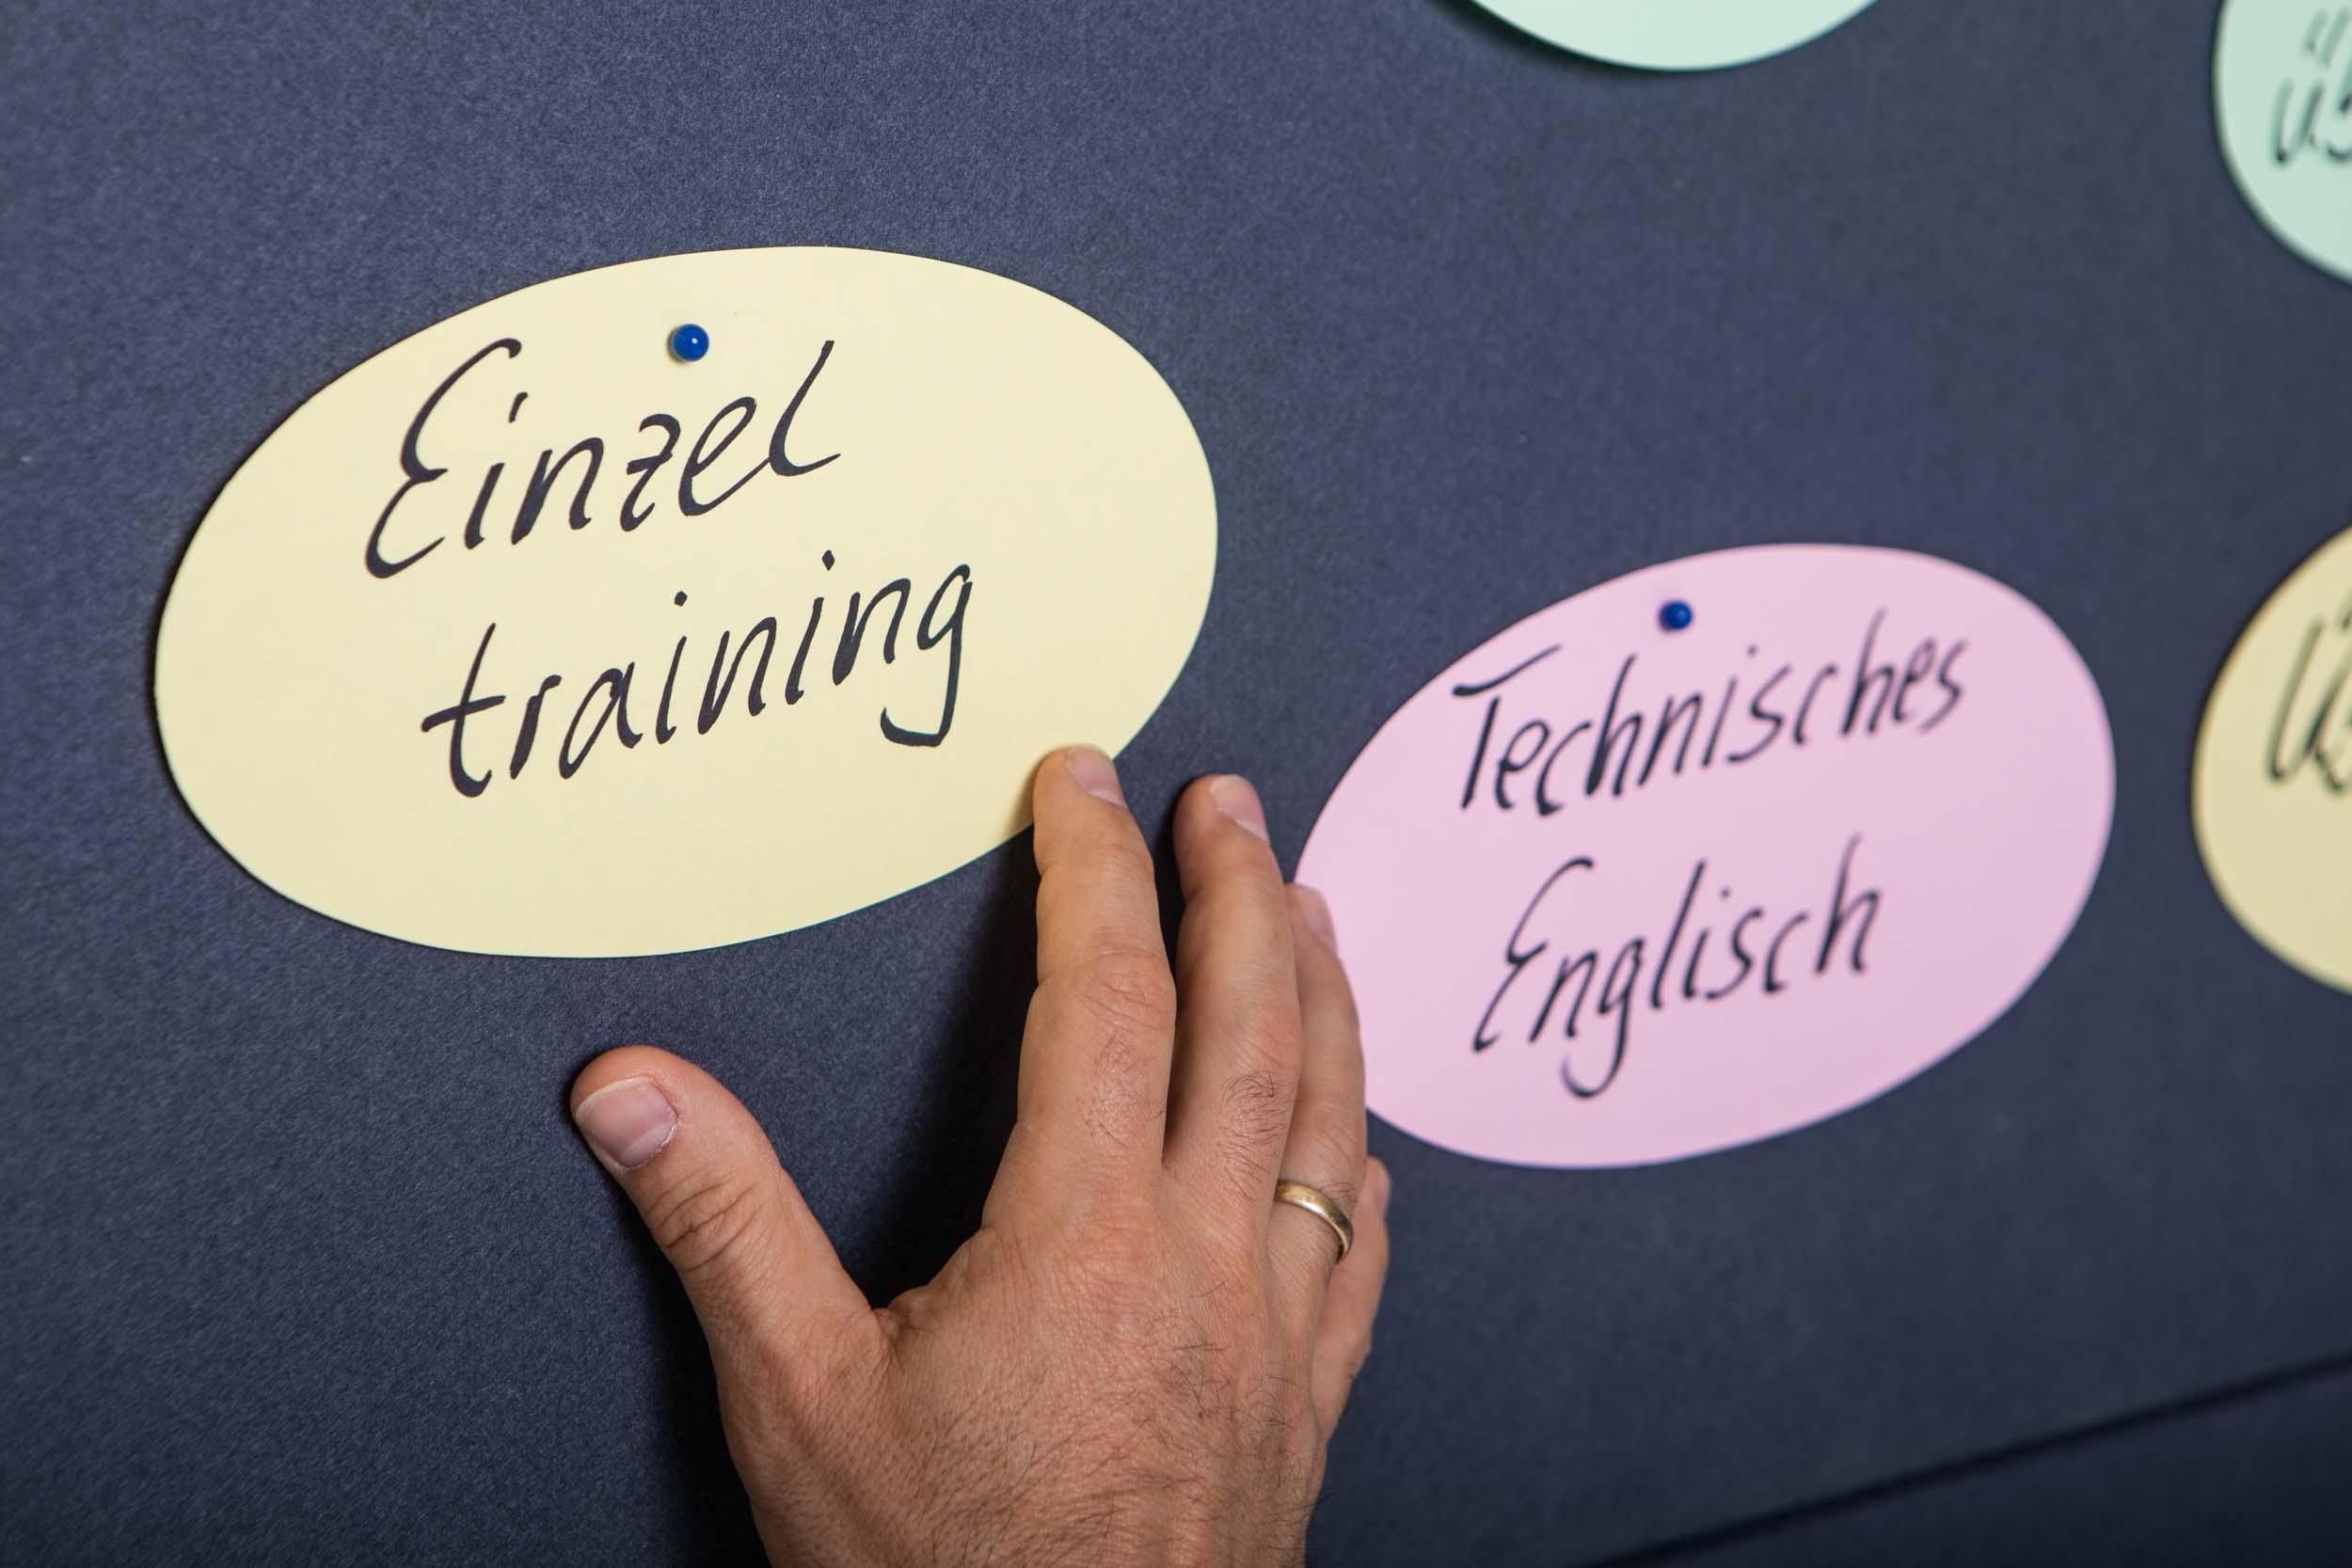 Pinnwand mit Karten für Englisch Kurse